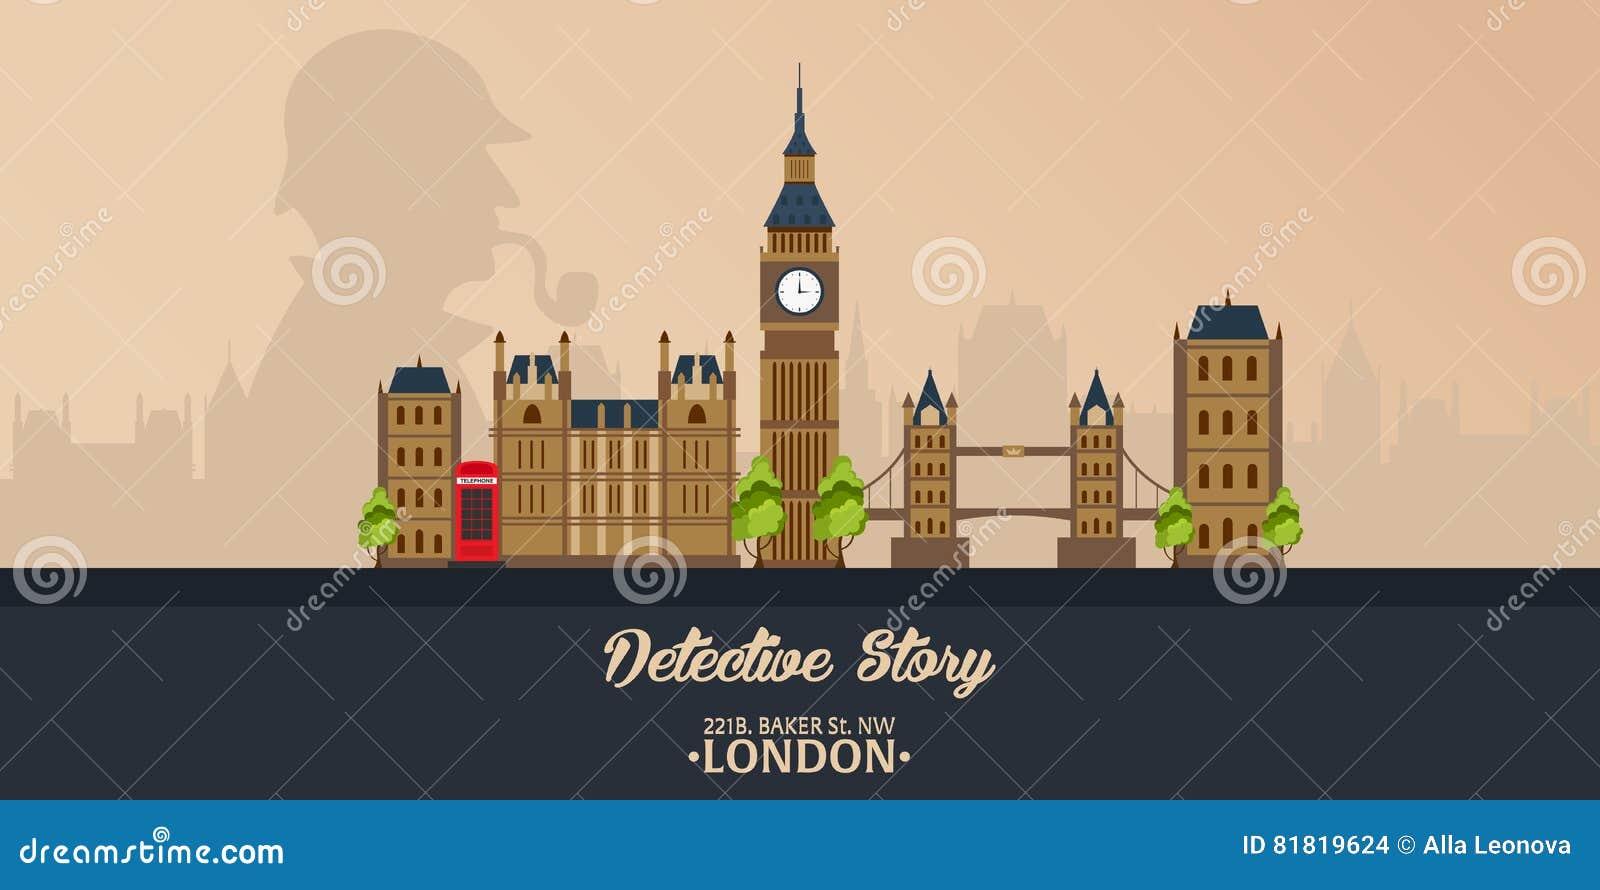 Sherlock Holmes Detektivillustration Illustration mit Sherlock Holmes Bäckerstraße 221B London GROSSES VERBOT